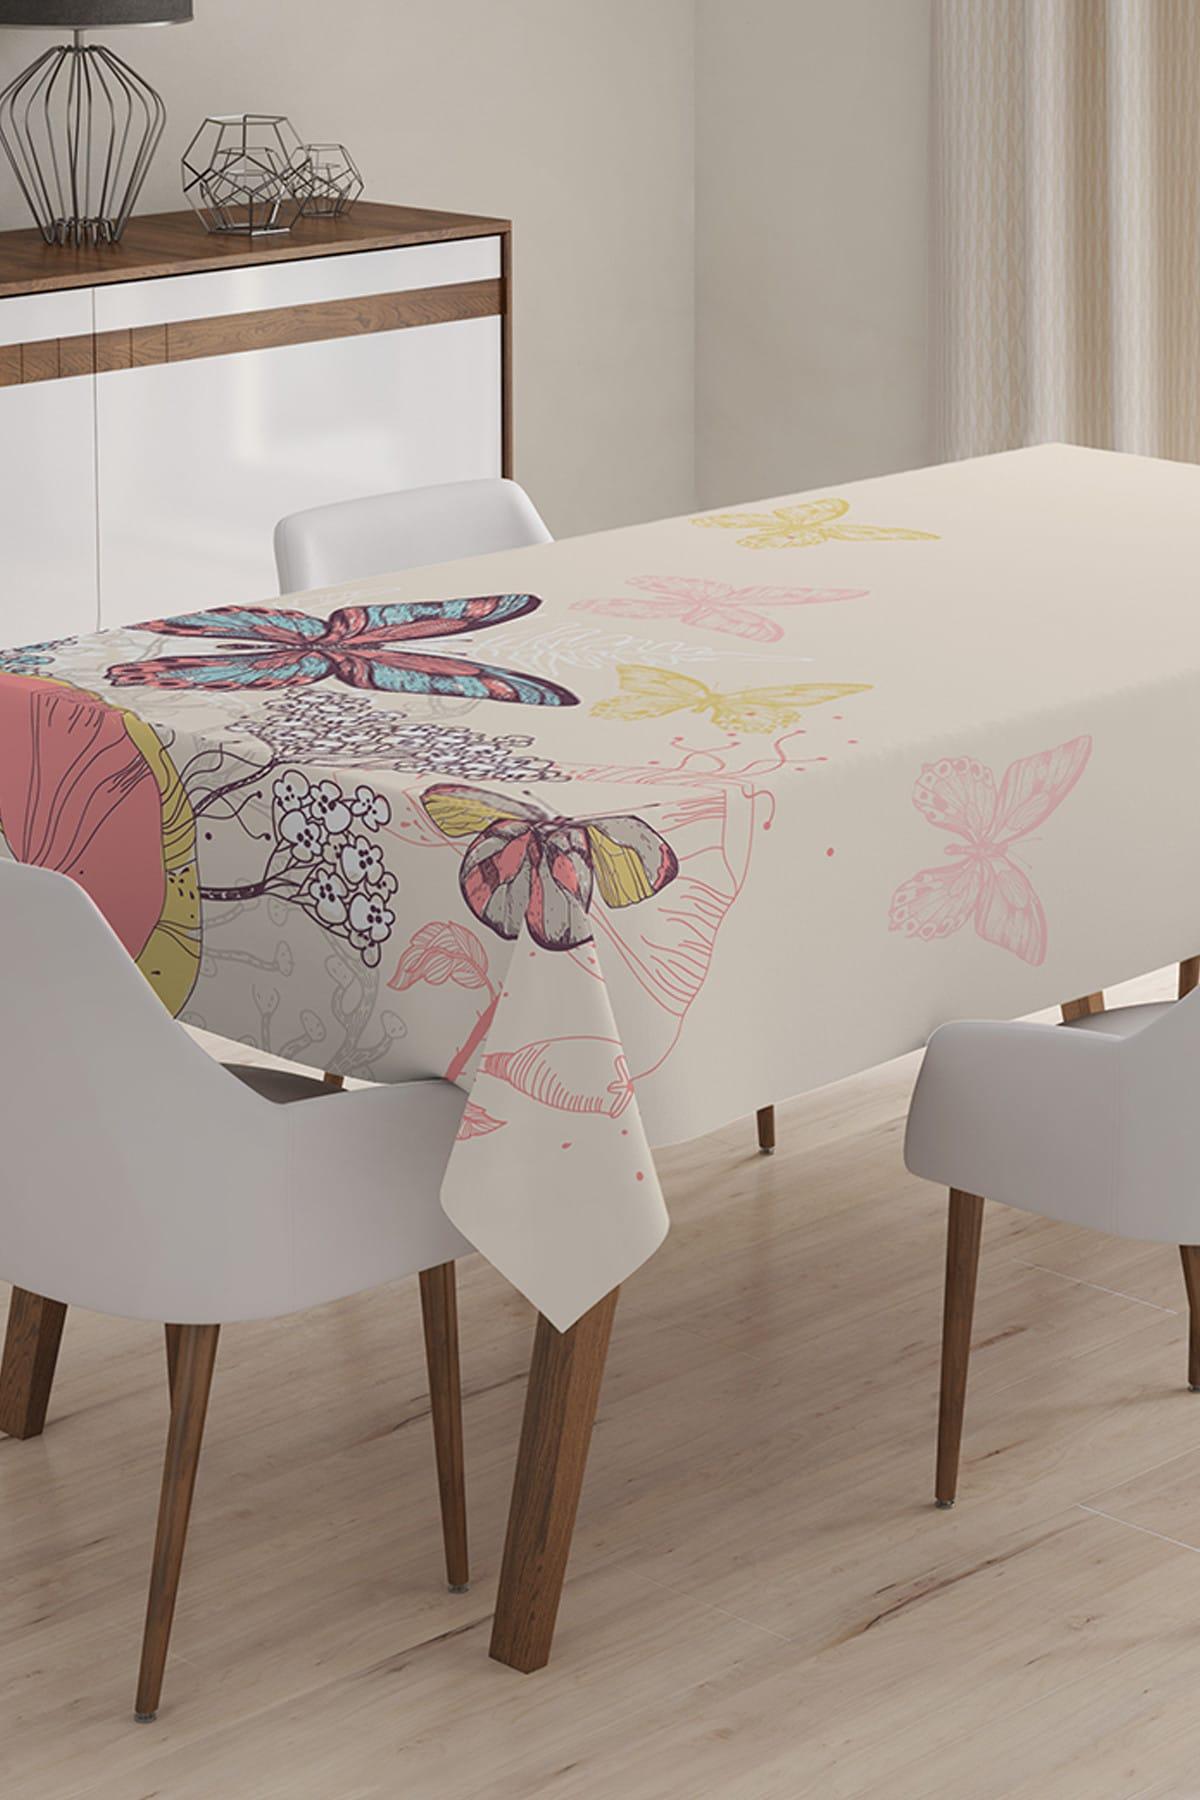 Özel Tasarım 3D Dijital Baskılı Masa Örtüsü - 140 x 220 cm